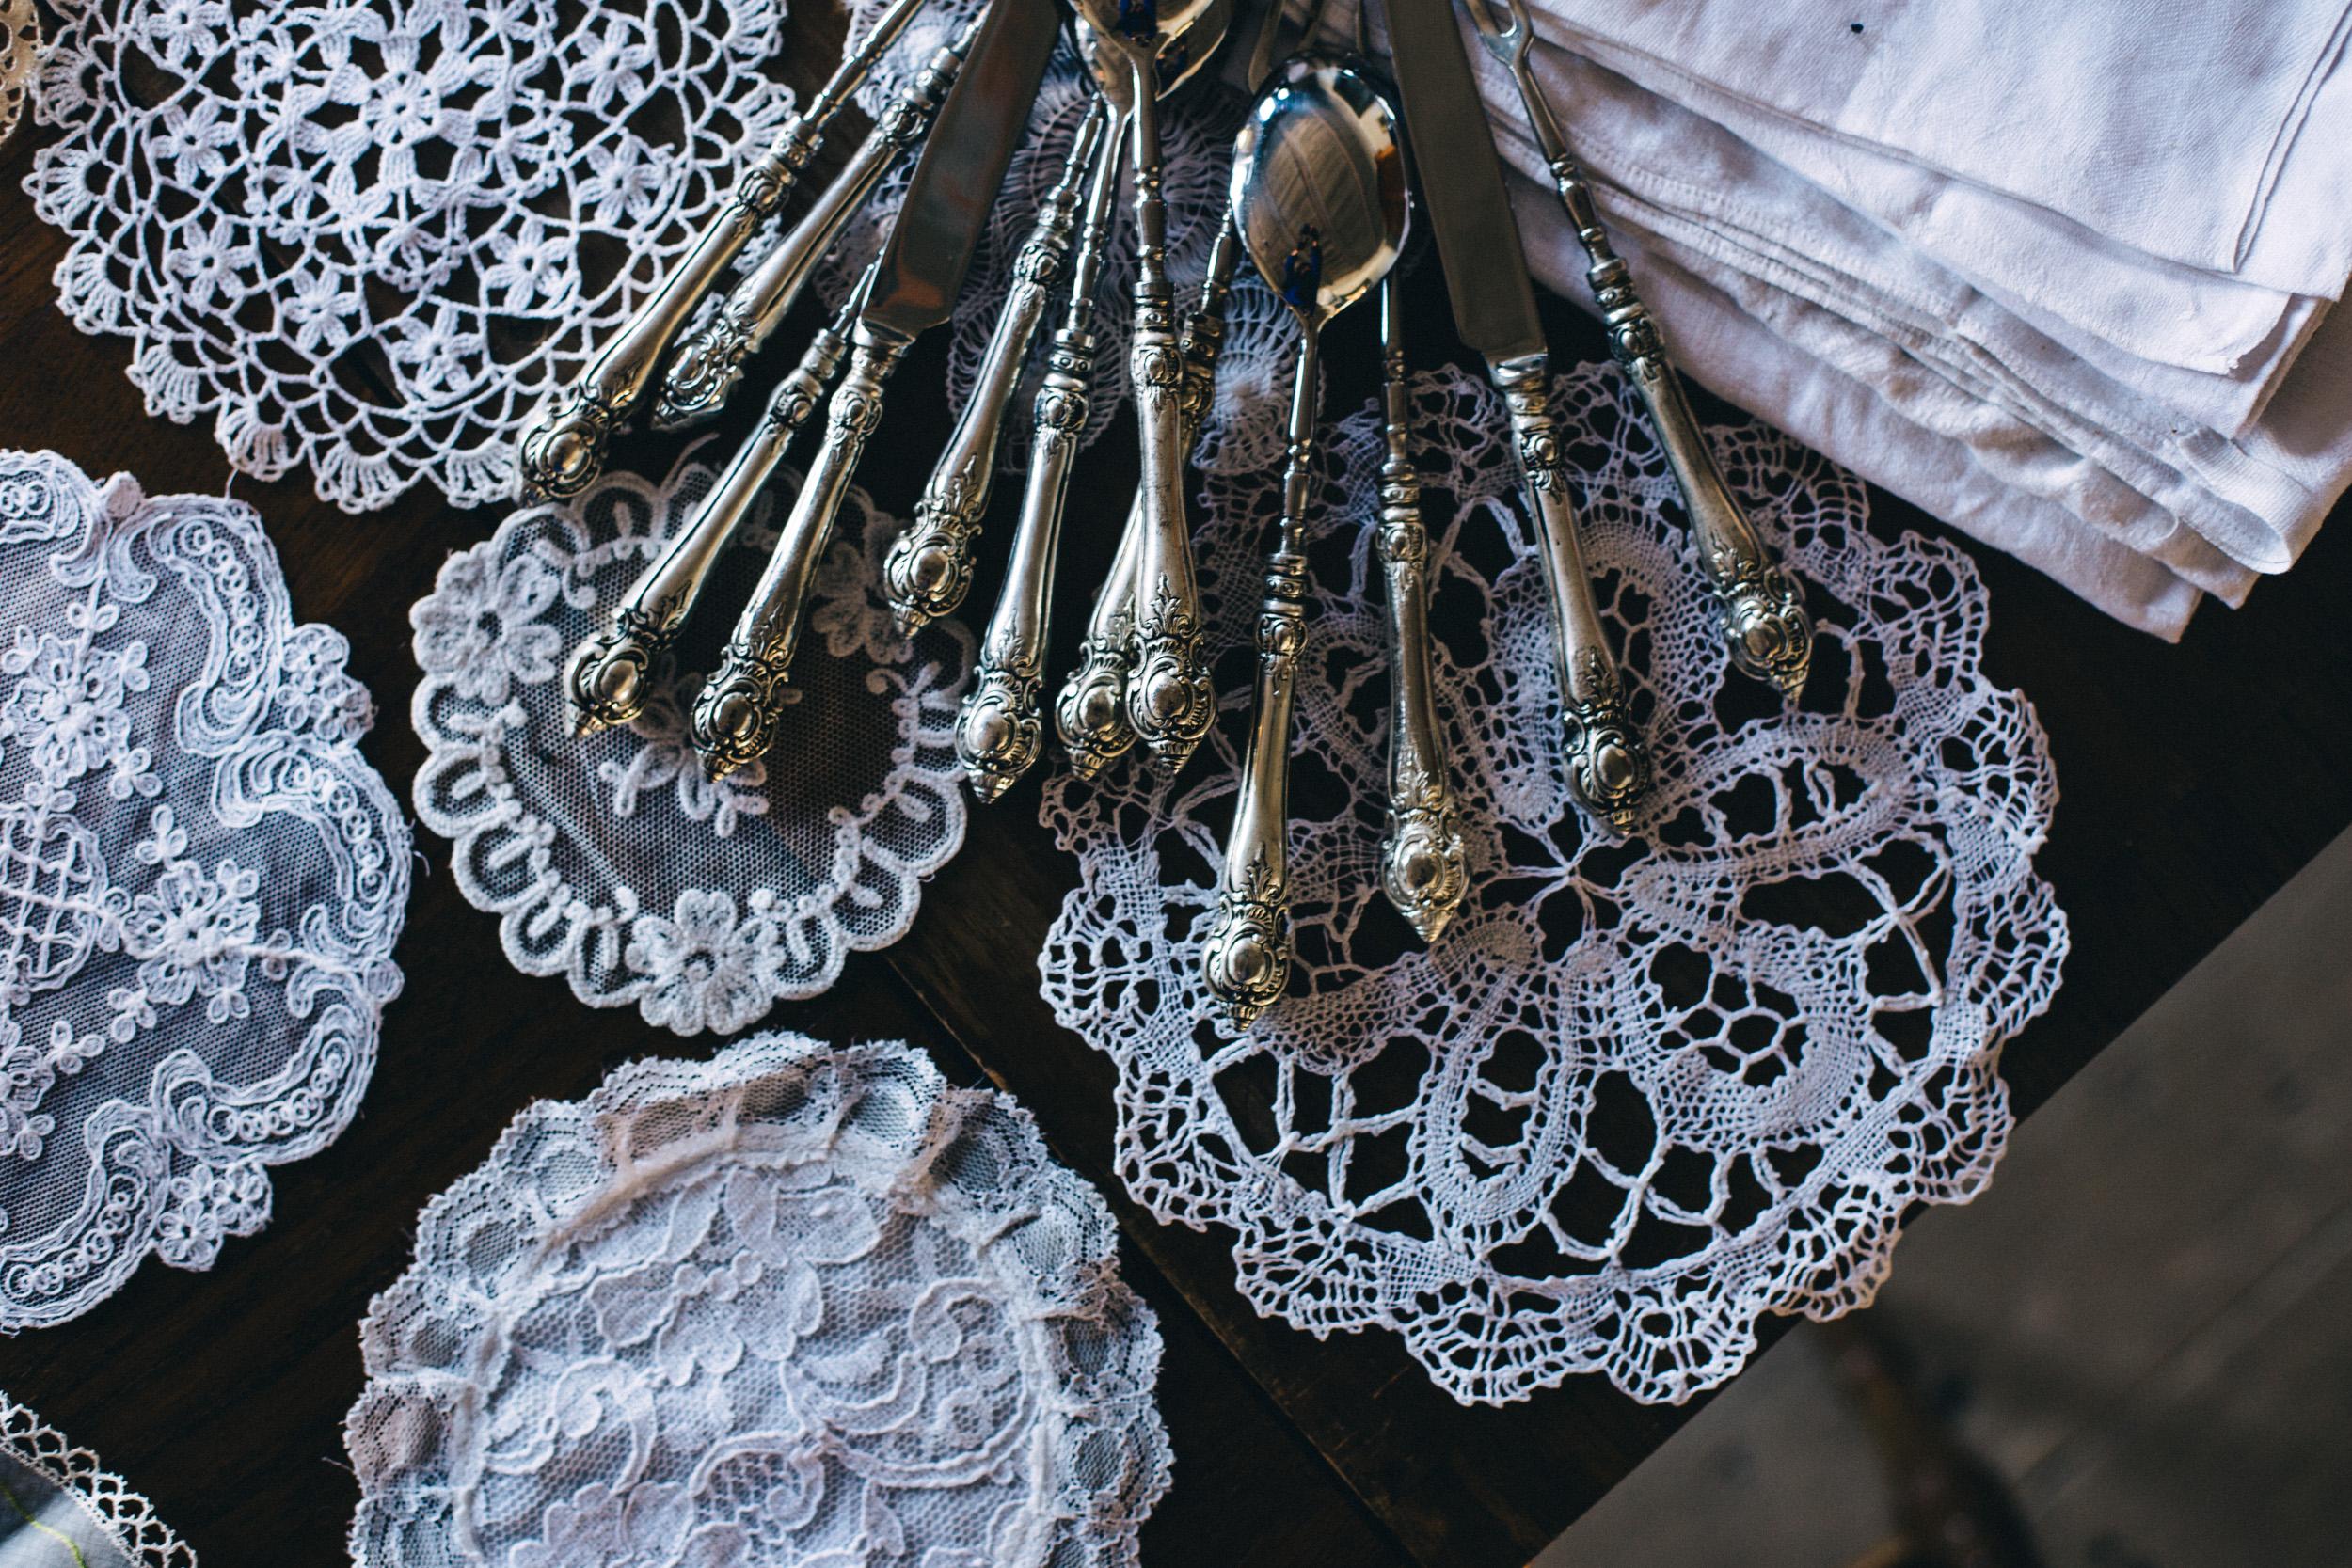 På ett bord ligger gamla, vackra silverbestick och små spetsdukar i alla former.